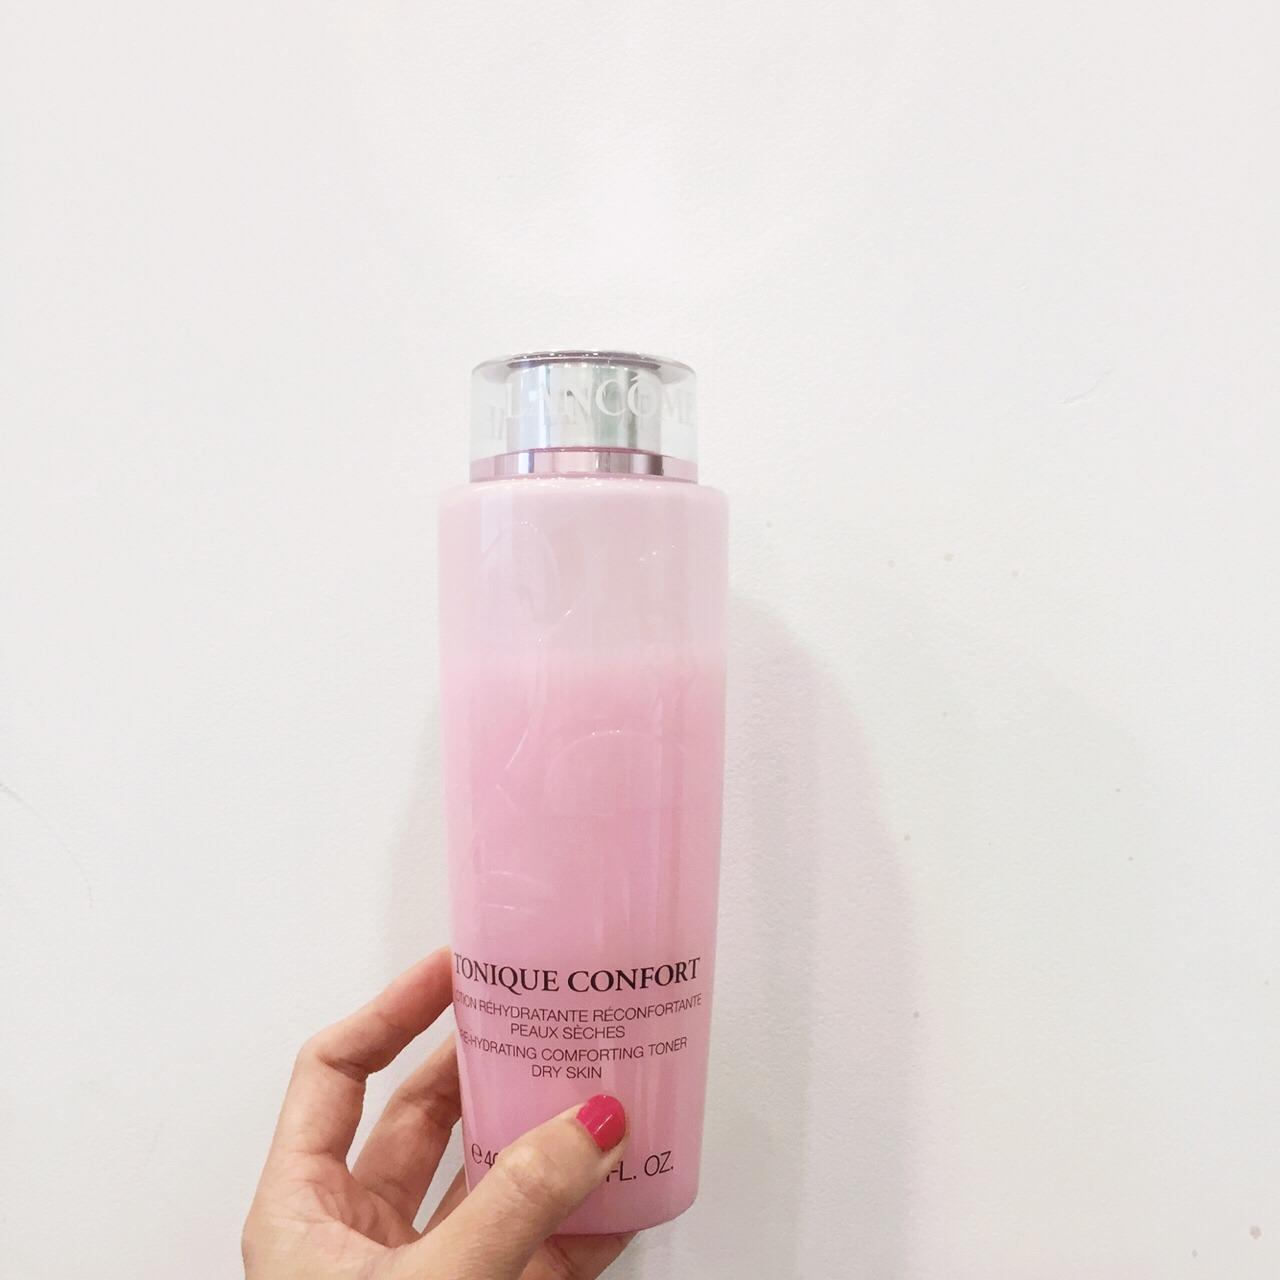 兰蔻粉水护肤步骤